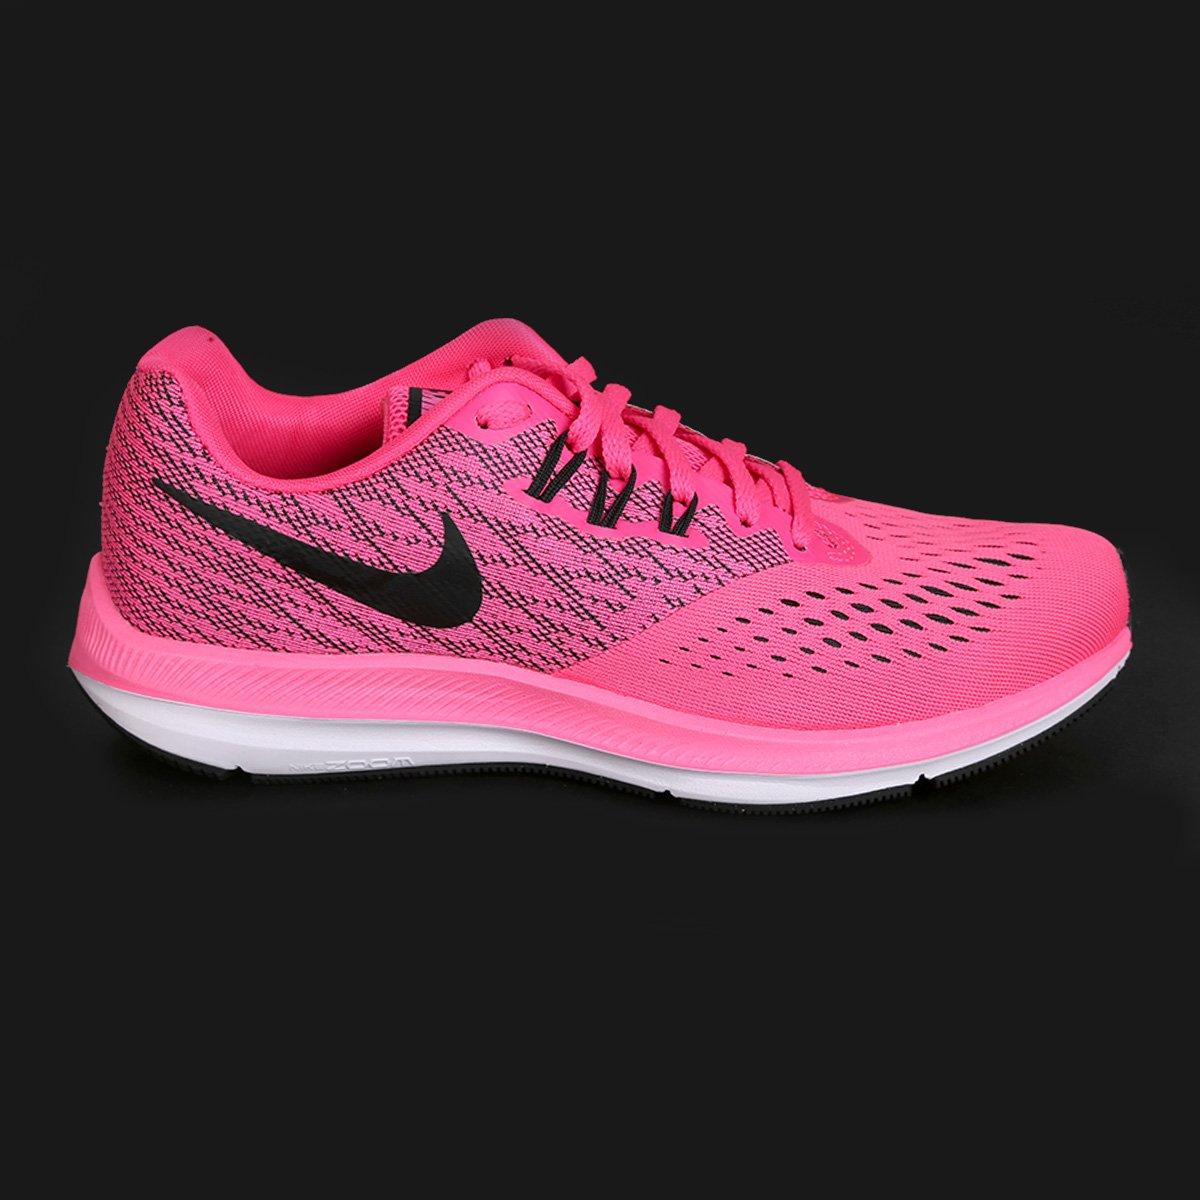 e9d2e750f0 ... Tênis Nike Zoom Winflo 4 Feminino - Rosa e Preto - Compre Agora .